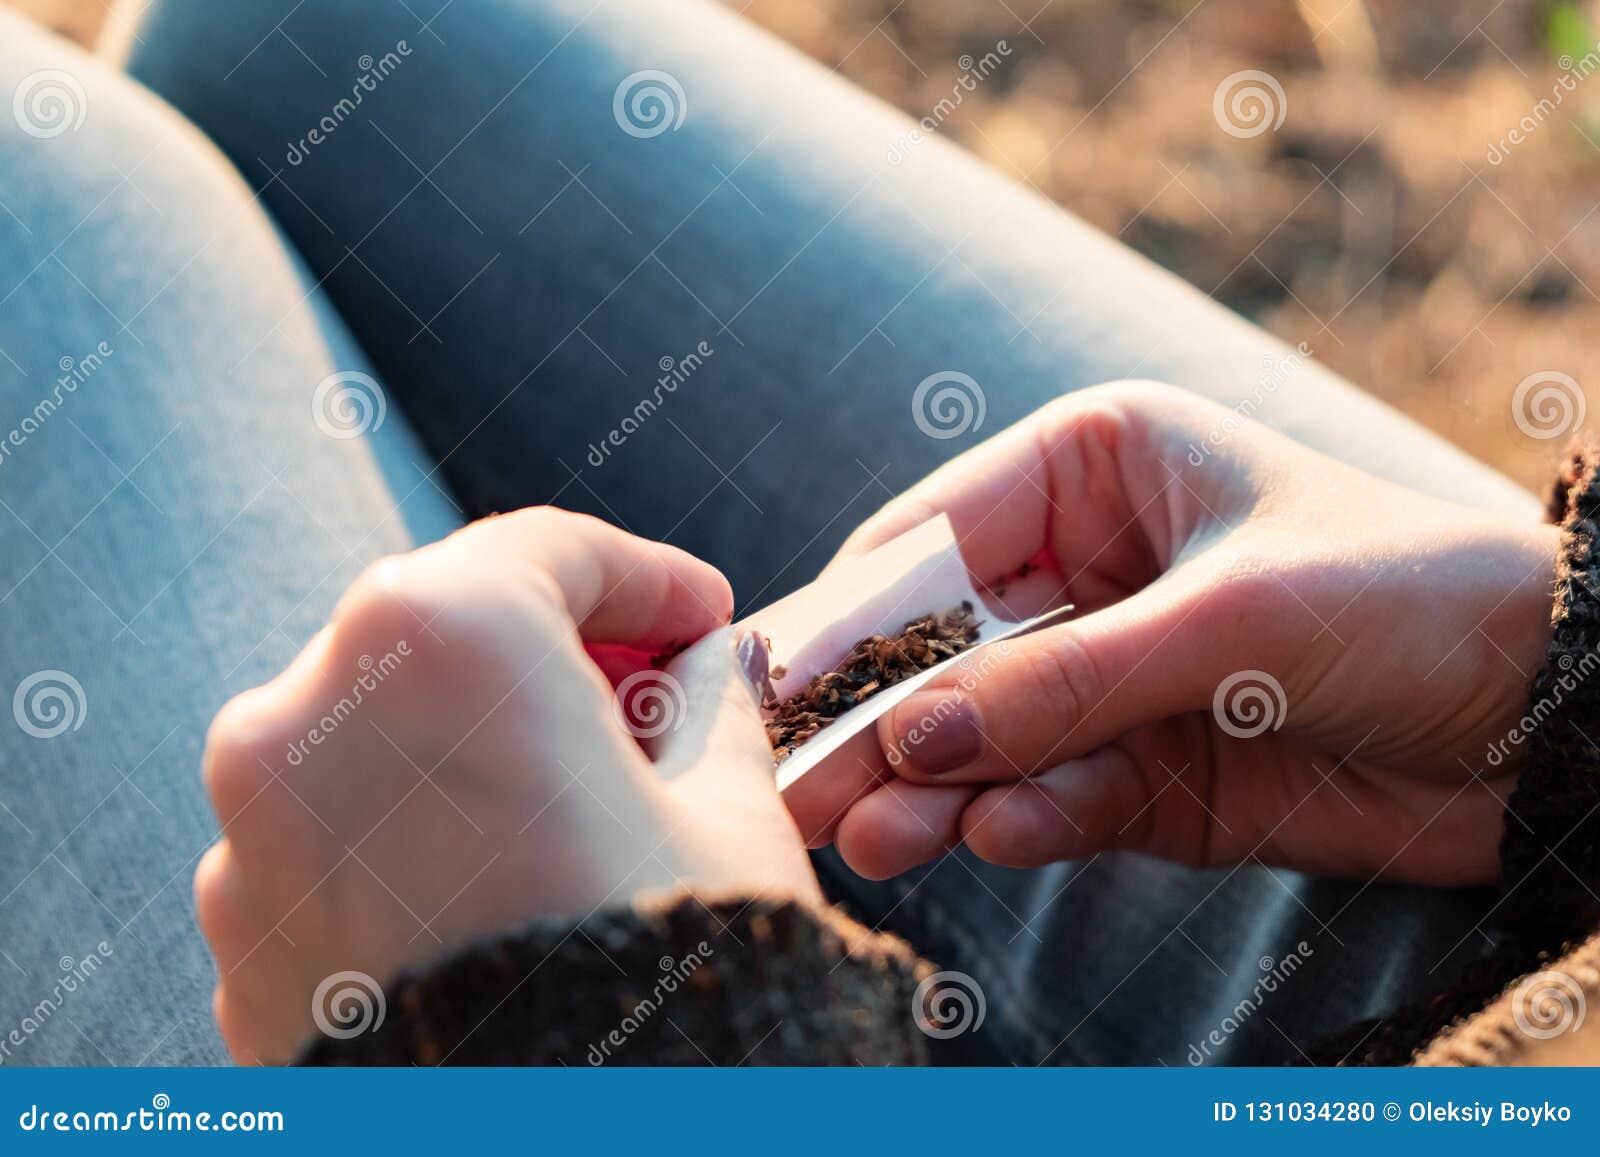 Rolling van een tabakssigaret Sluit omhoog beeld van vrouwelijke handenmaki